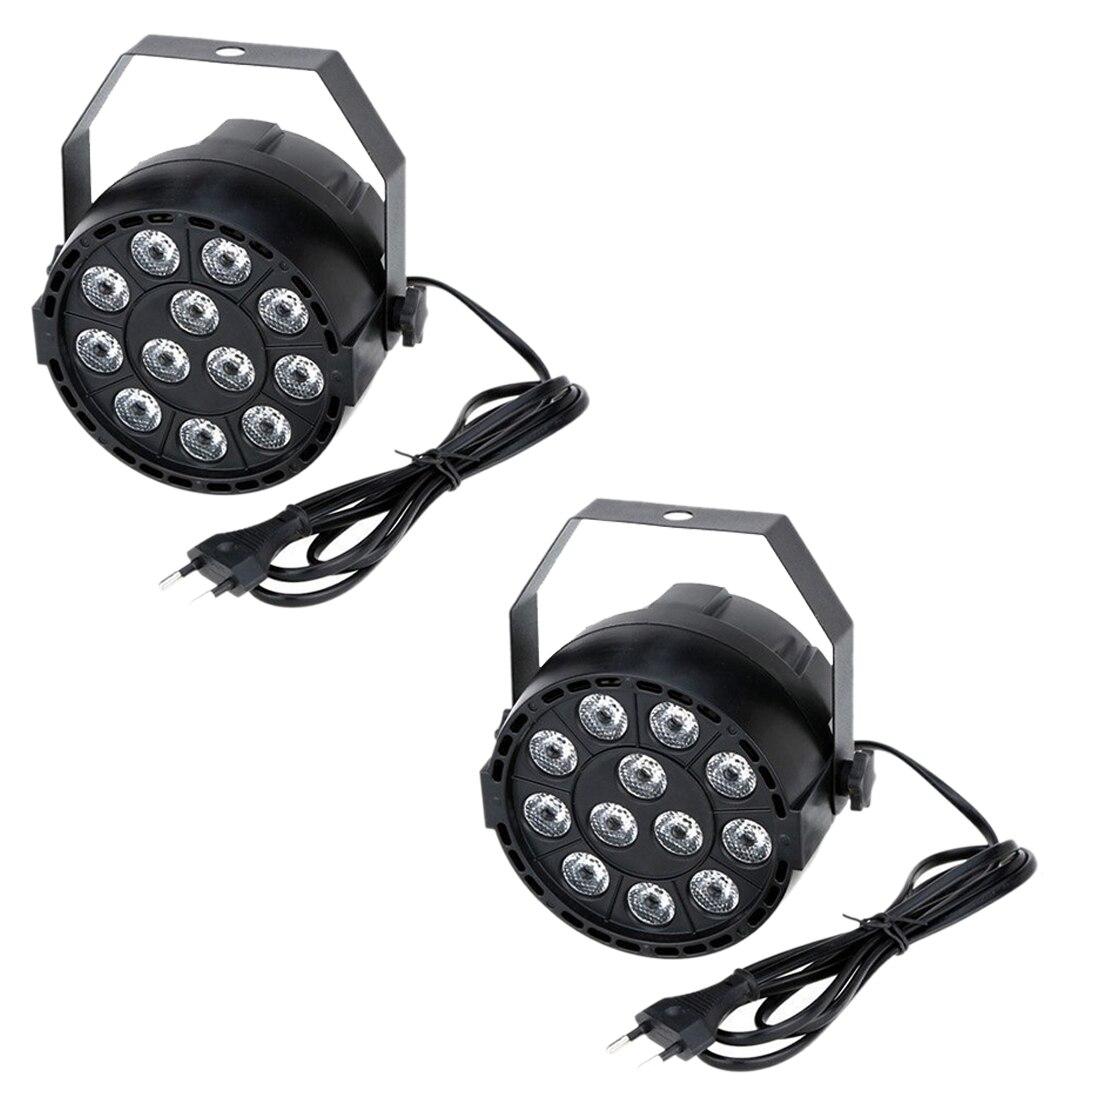 2 x 15W DMX-512 RGBW LED DJ Light Effect Disco Lighting 8 Channel AC 100-240V2 x 15W DMX-512 RGBW LED DJ Light Effect Disco Lighting 8 Channel AC 100-240V